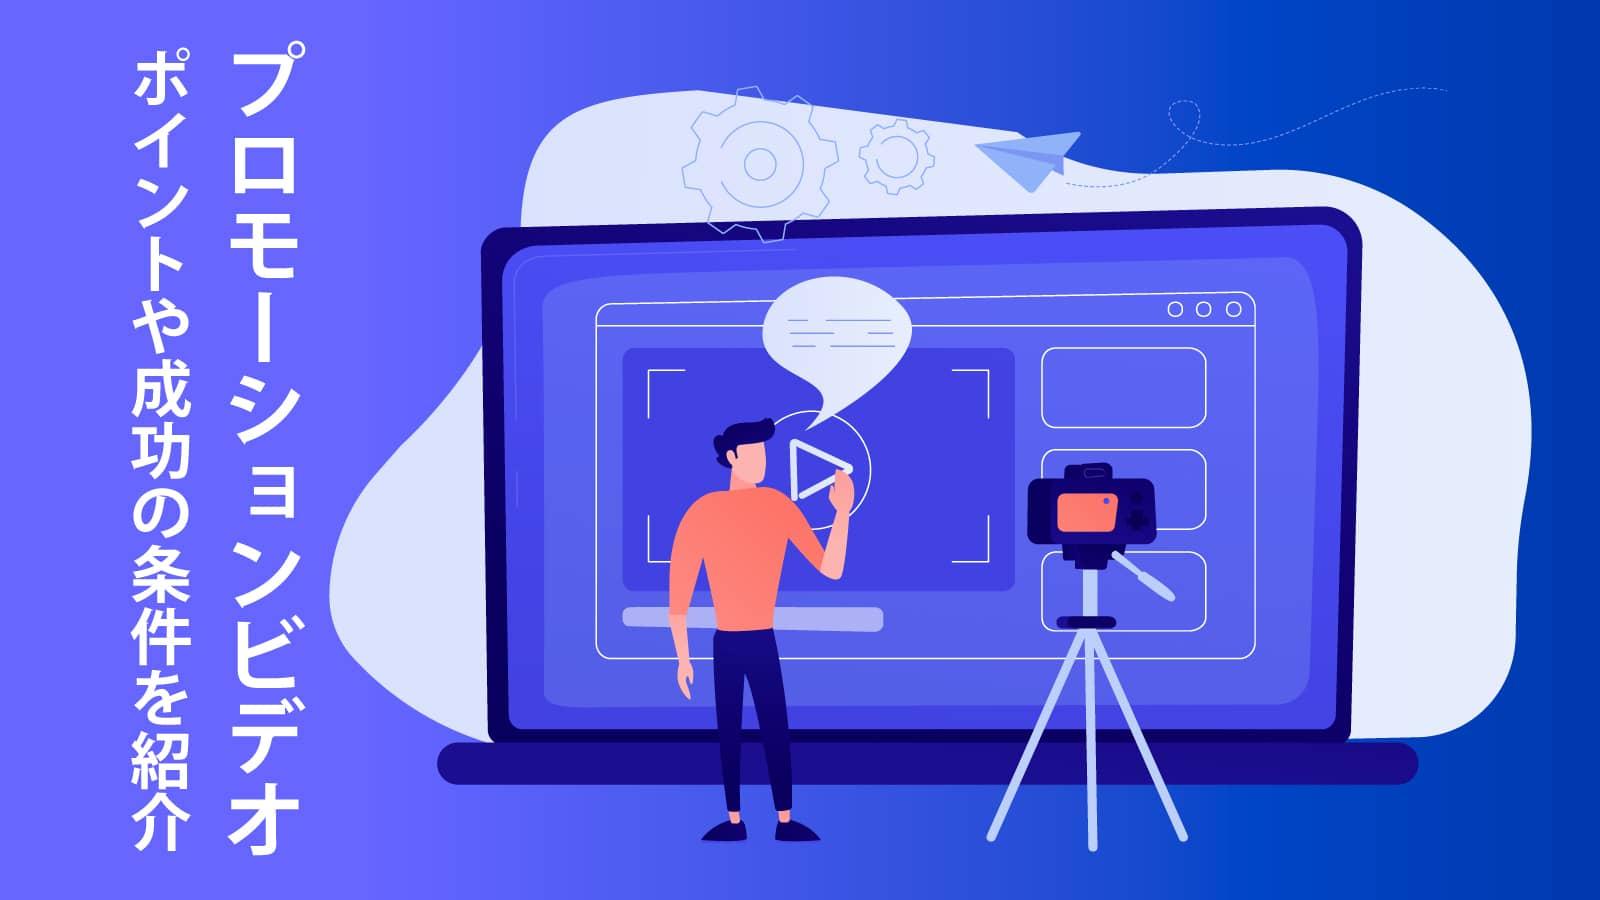 【内製化できる】プロモーションビデオを作り方のポイントや成功の条件を紹介